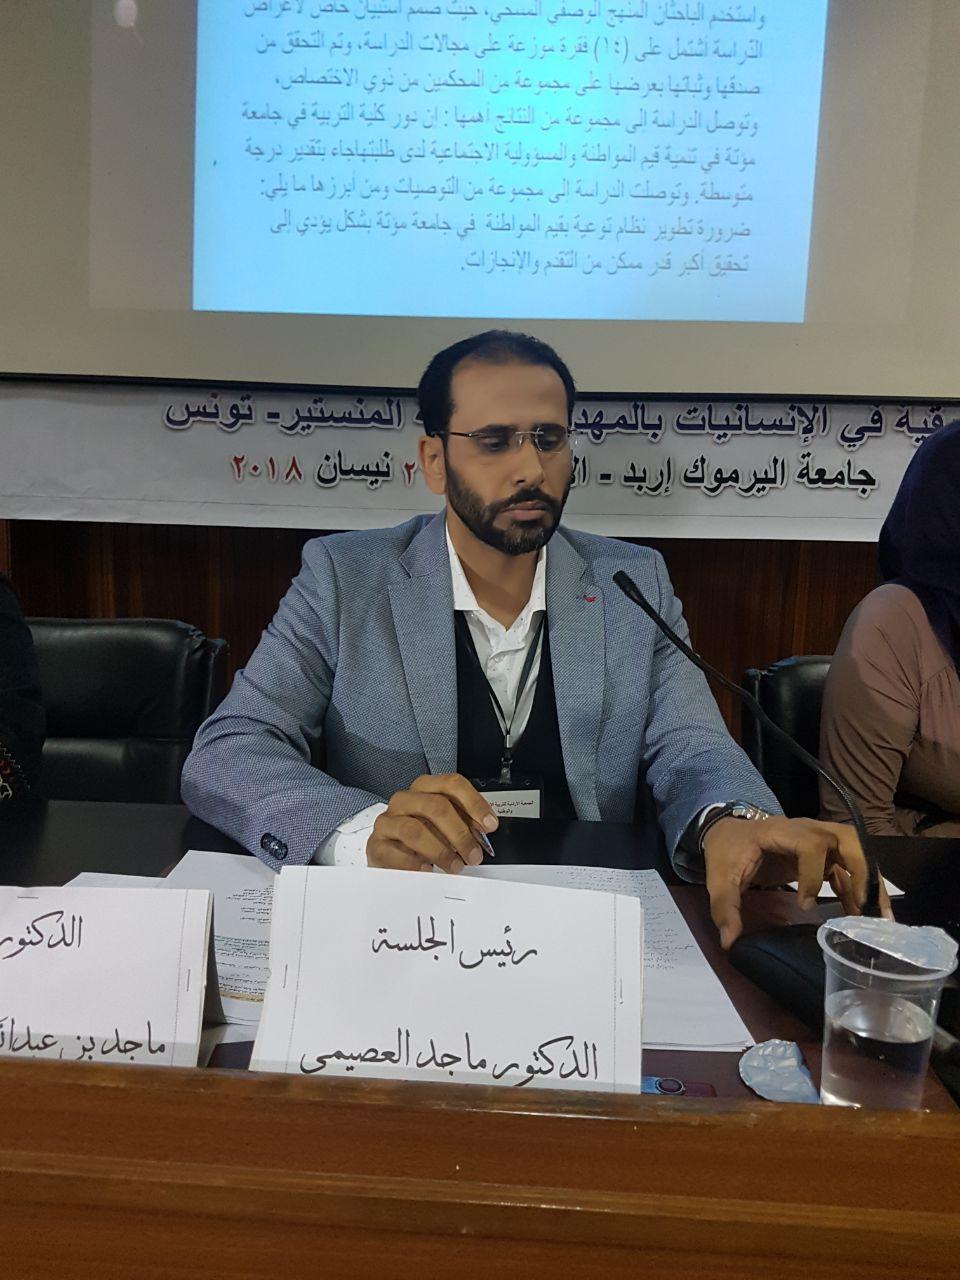 مشاركة نائب رئيس مجلس الإدارة في مؤتمر دولي بالأردن